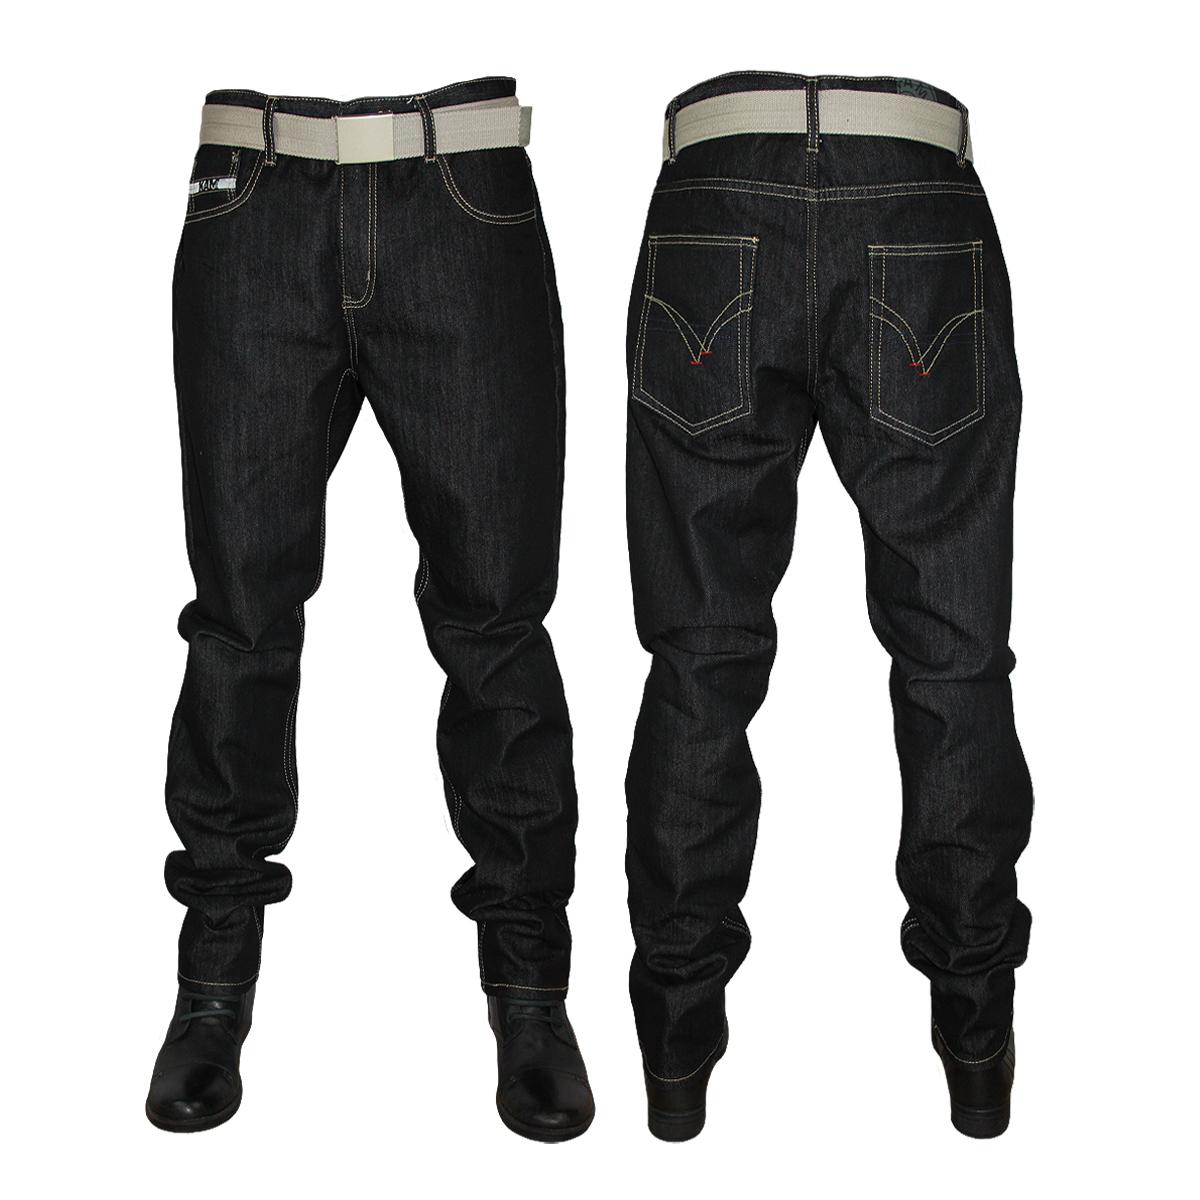 New Mens Black Indigo Kam K122 72 Designer Slim Fit Jeans All Waist Leg Sizes Ebay